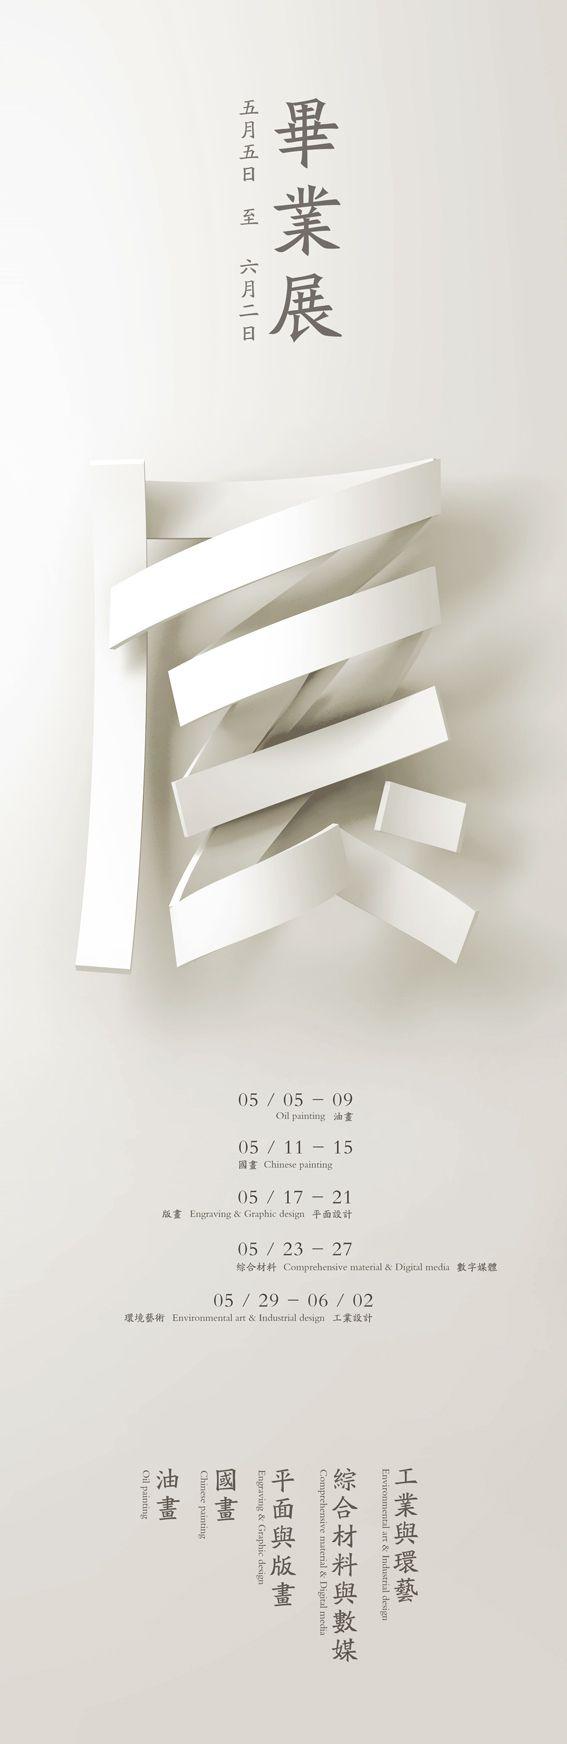 畢業展 經典簡潔海報設計 | MyDesy 淘靈感